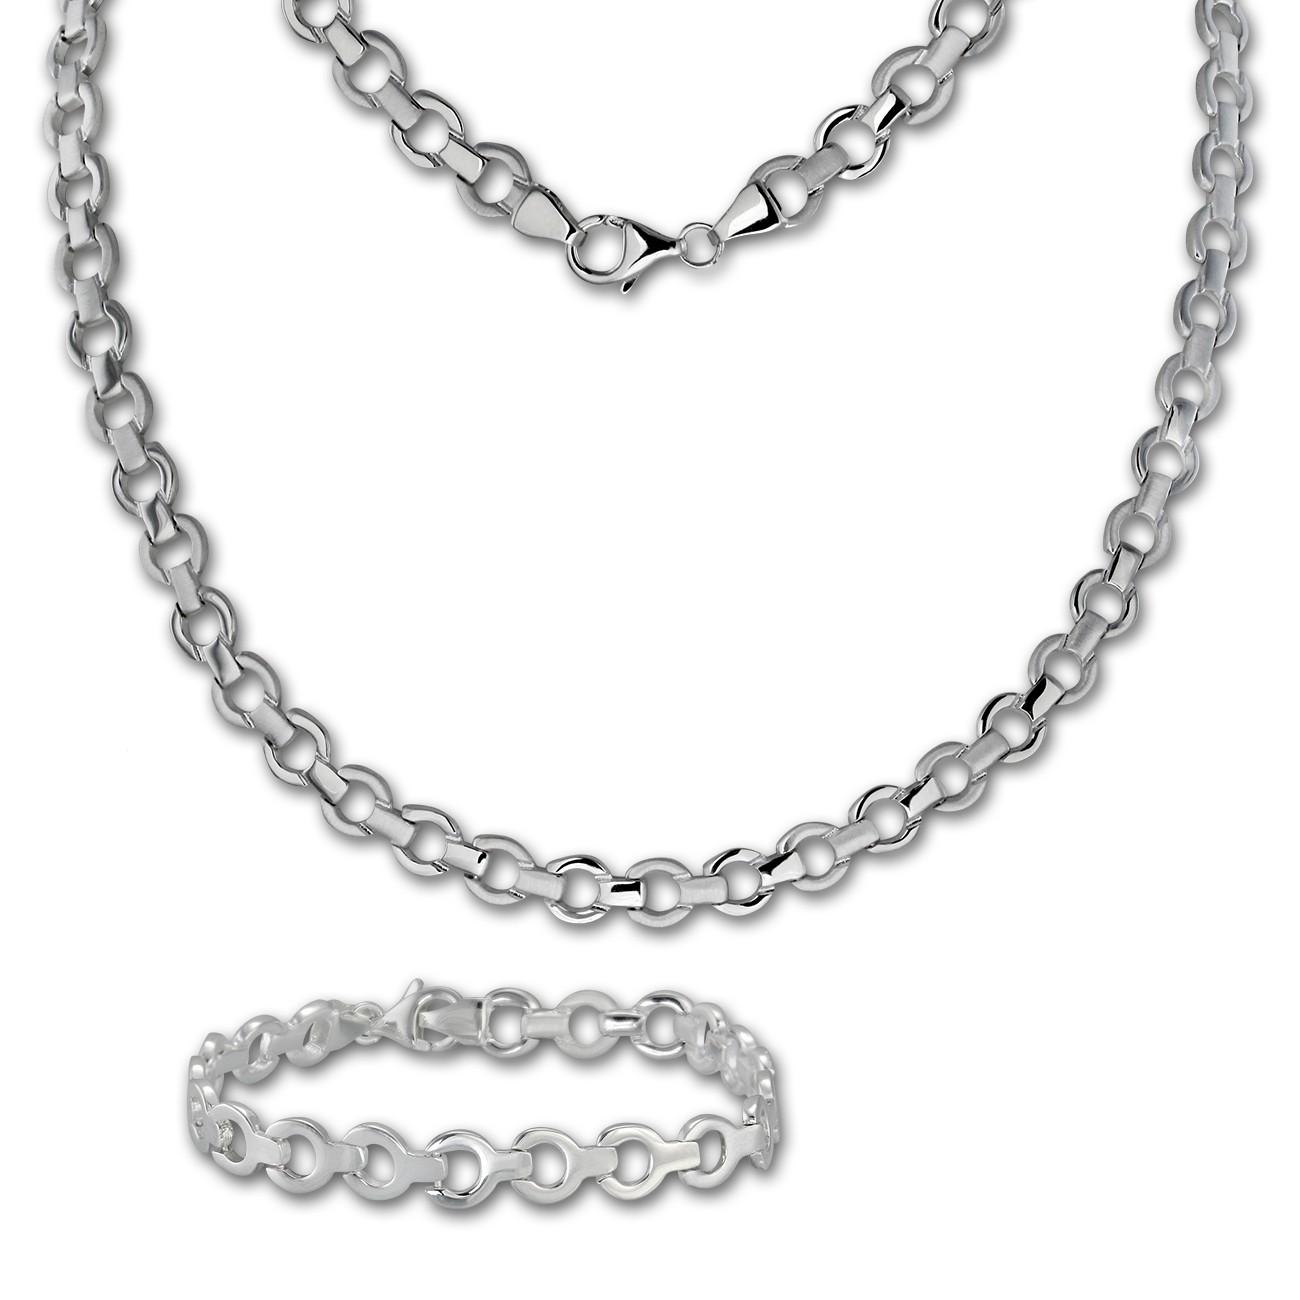 SilberDream Schmuck Set rund Collier & Armband Damen 925 Silber SDS439J